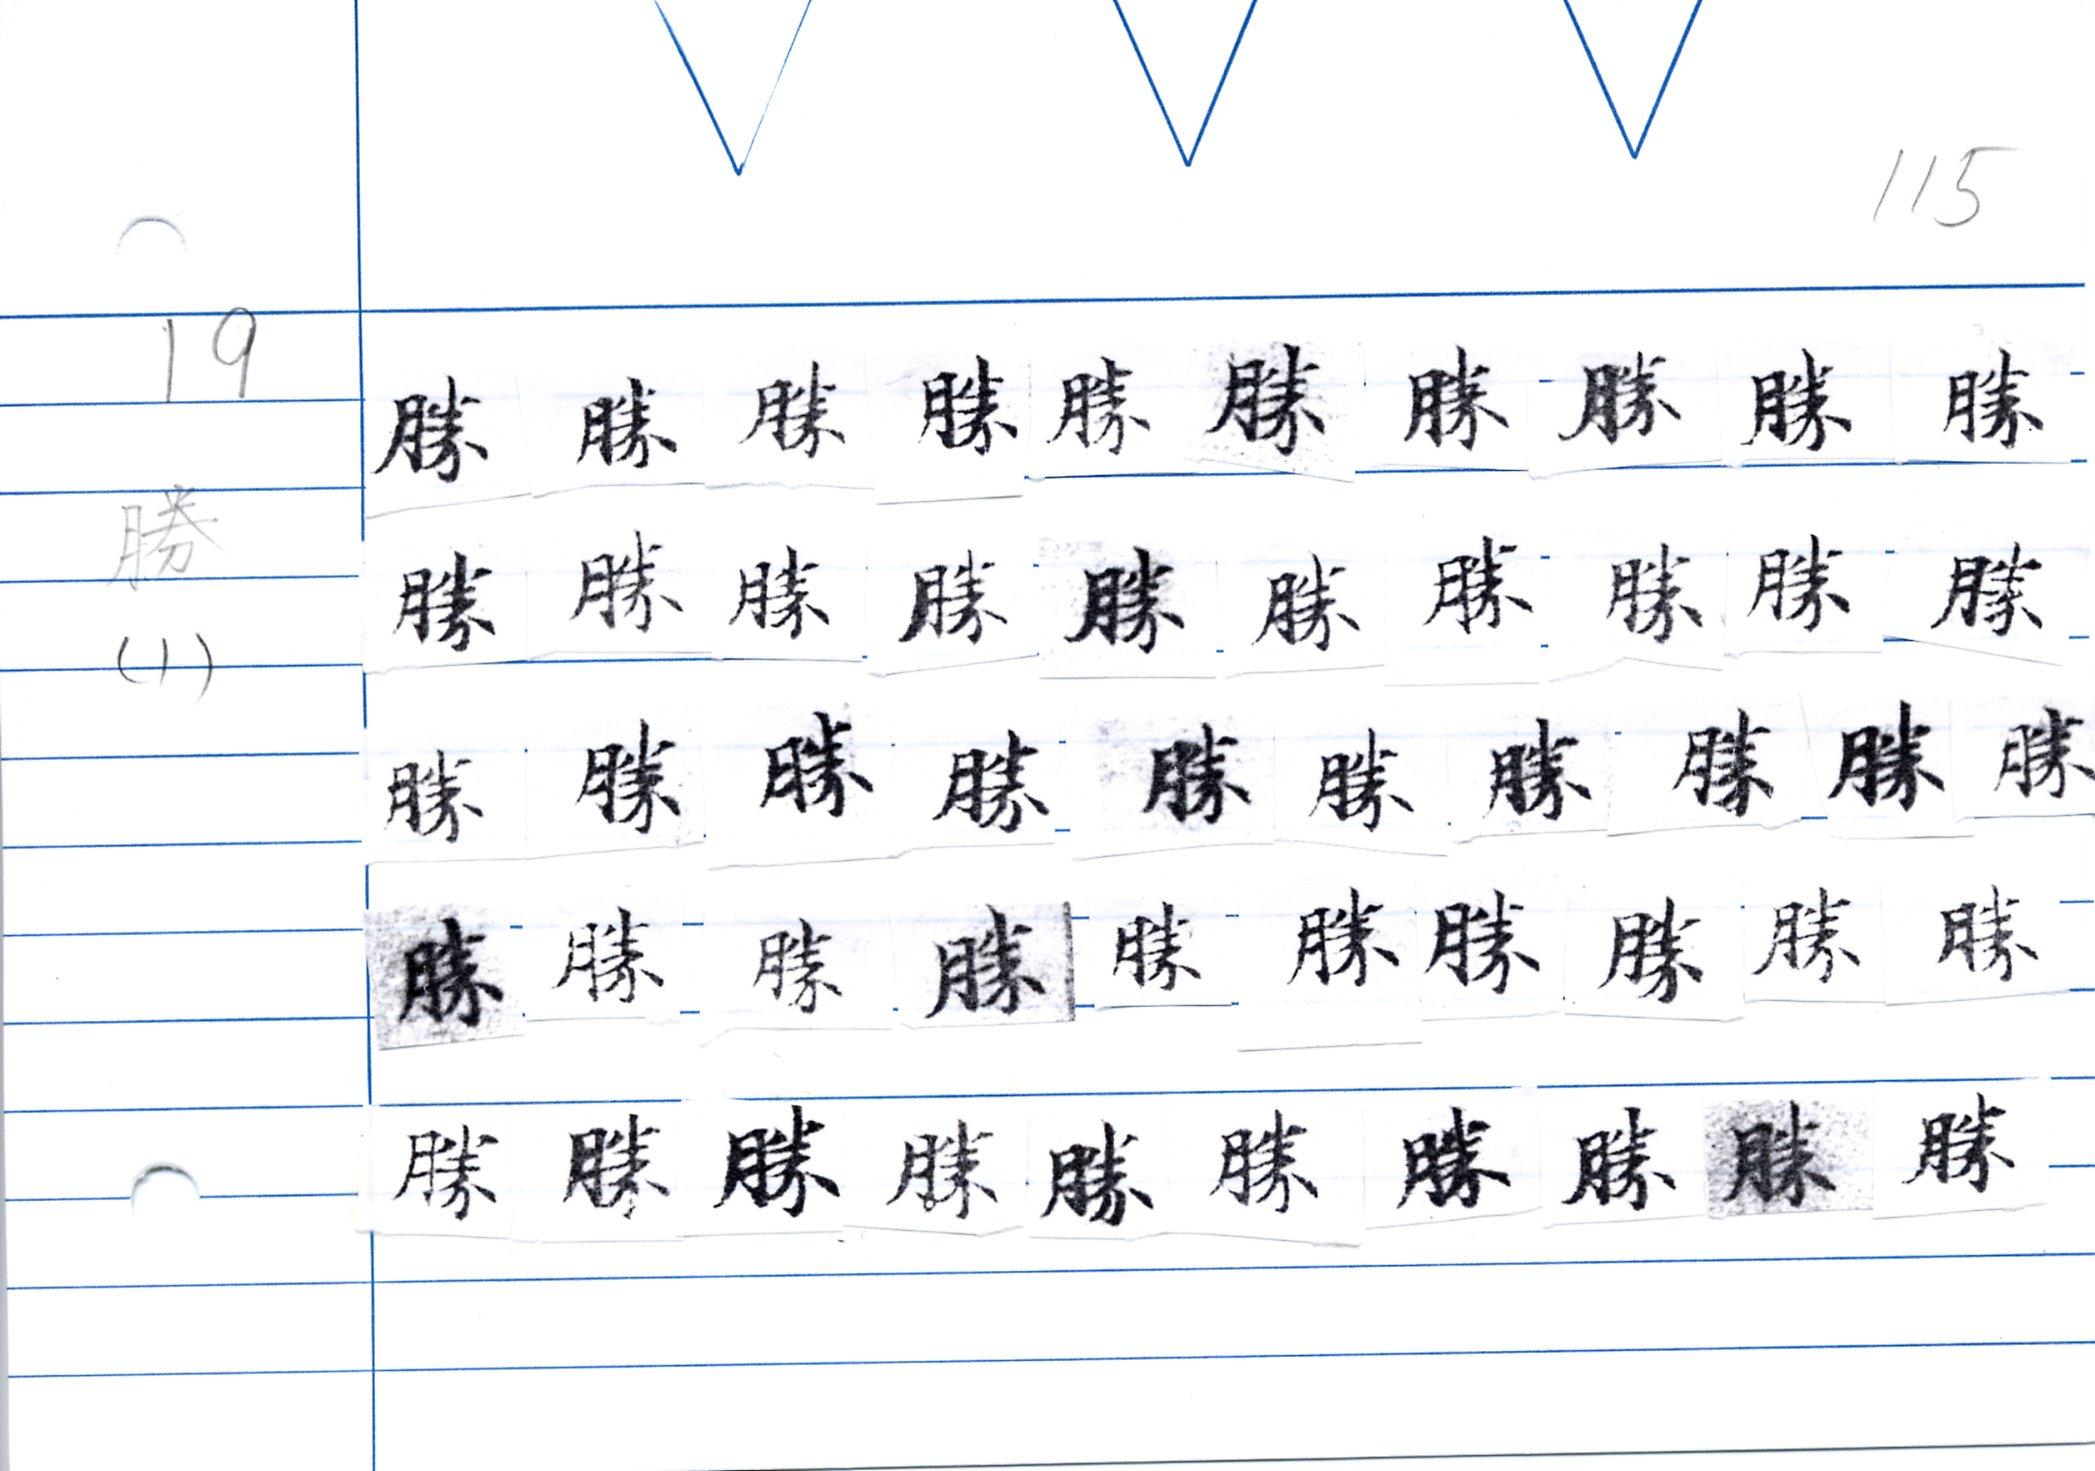 54_大般若經卷二百五十(和銅經)/cards/0047.JPG